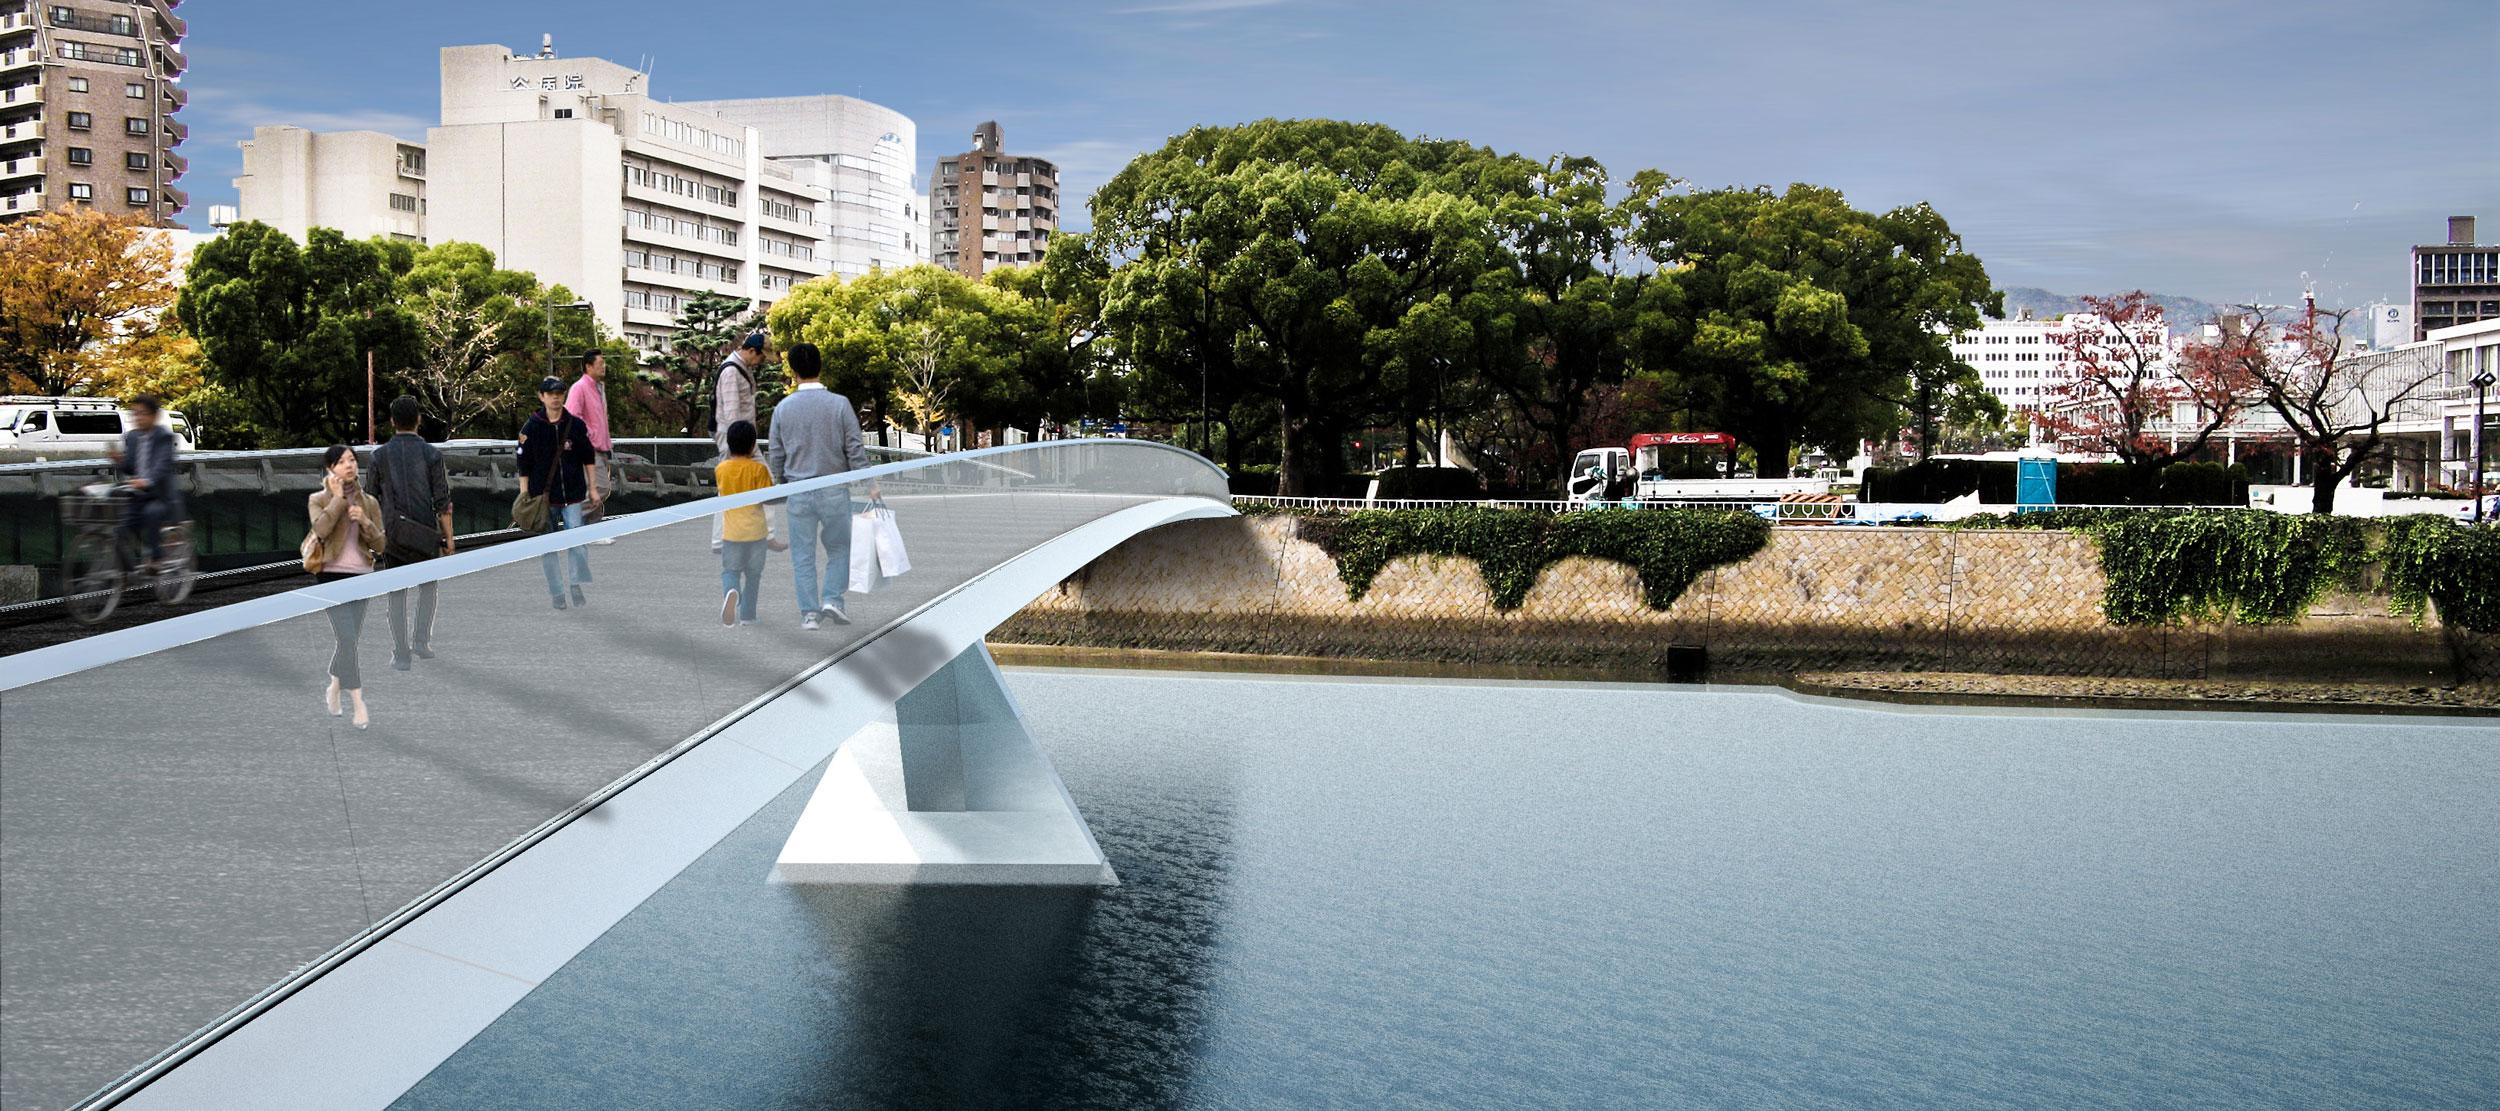 hiroshima-peace-bridge---rendering-(3).jpg